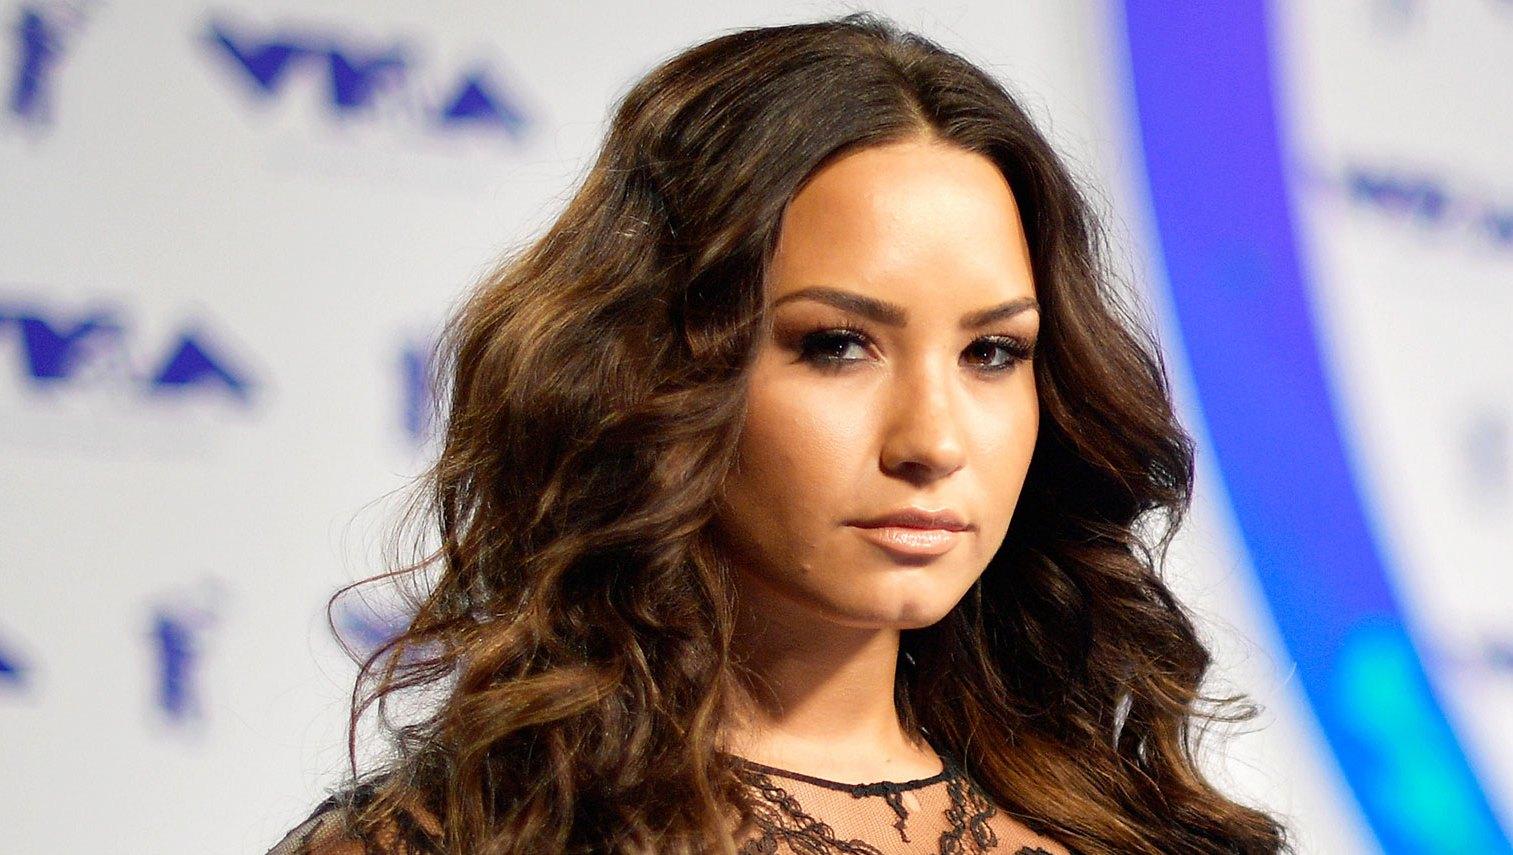 Demi Lovato Shuts Down Fan